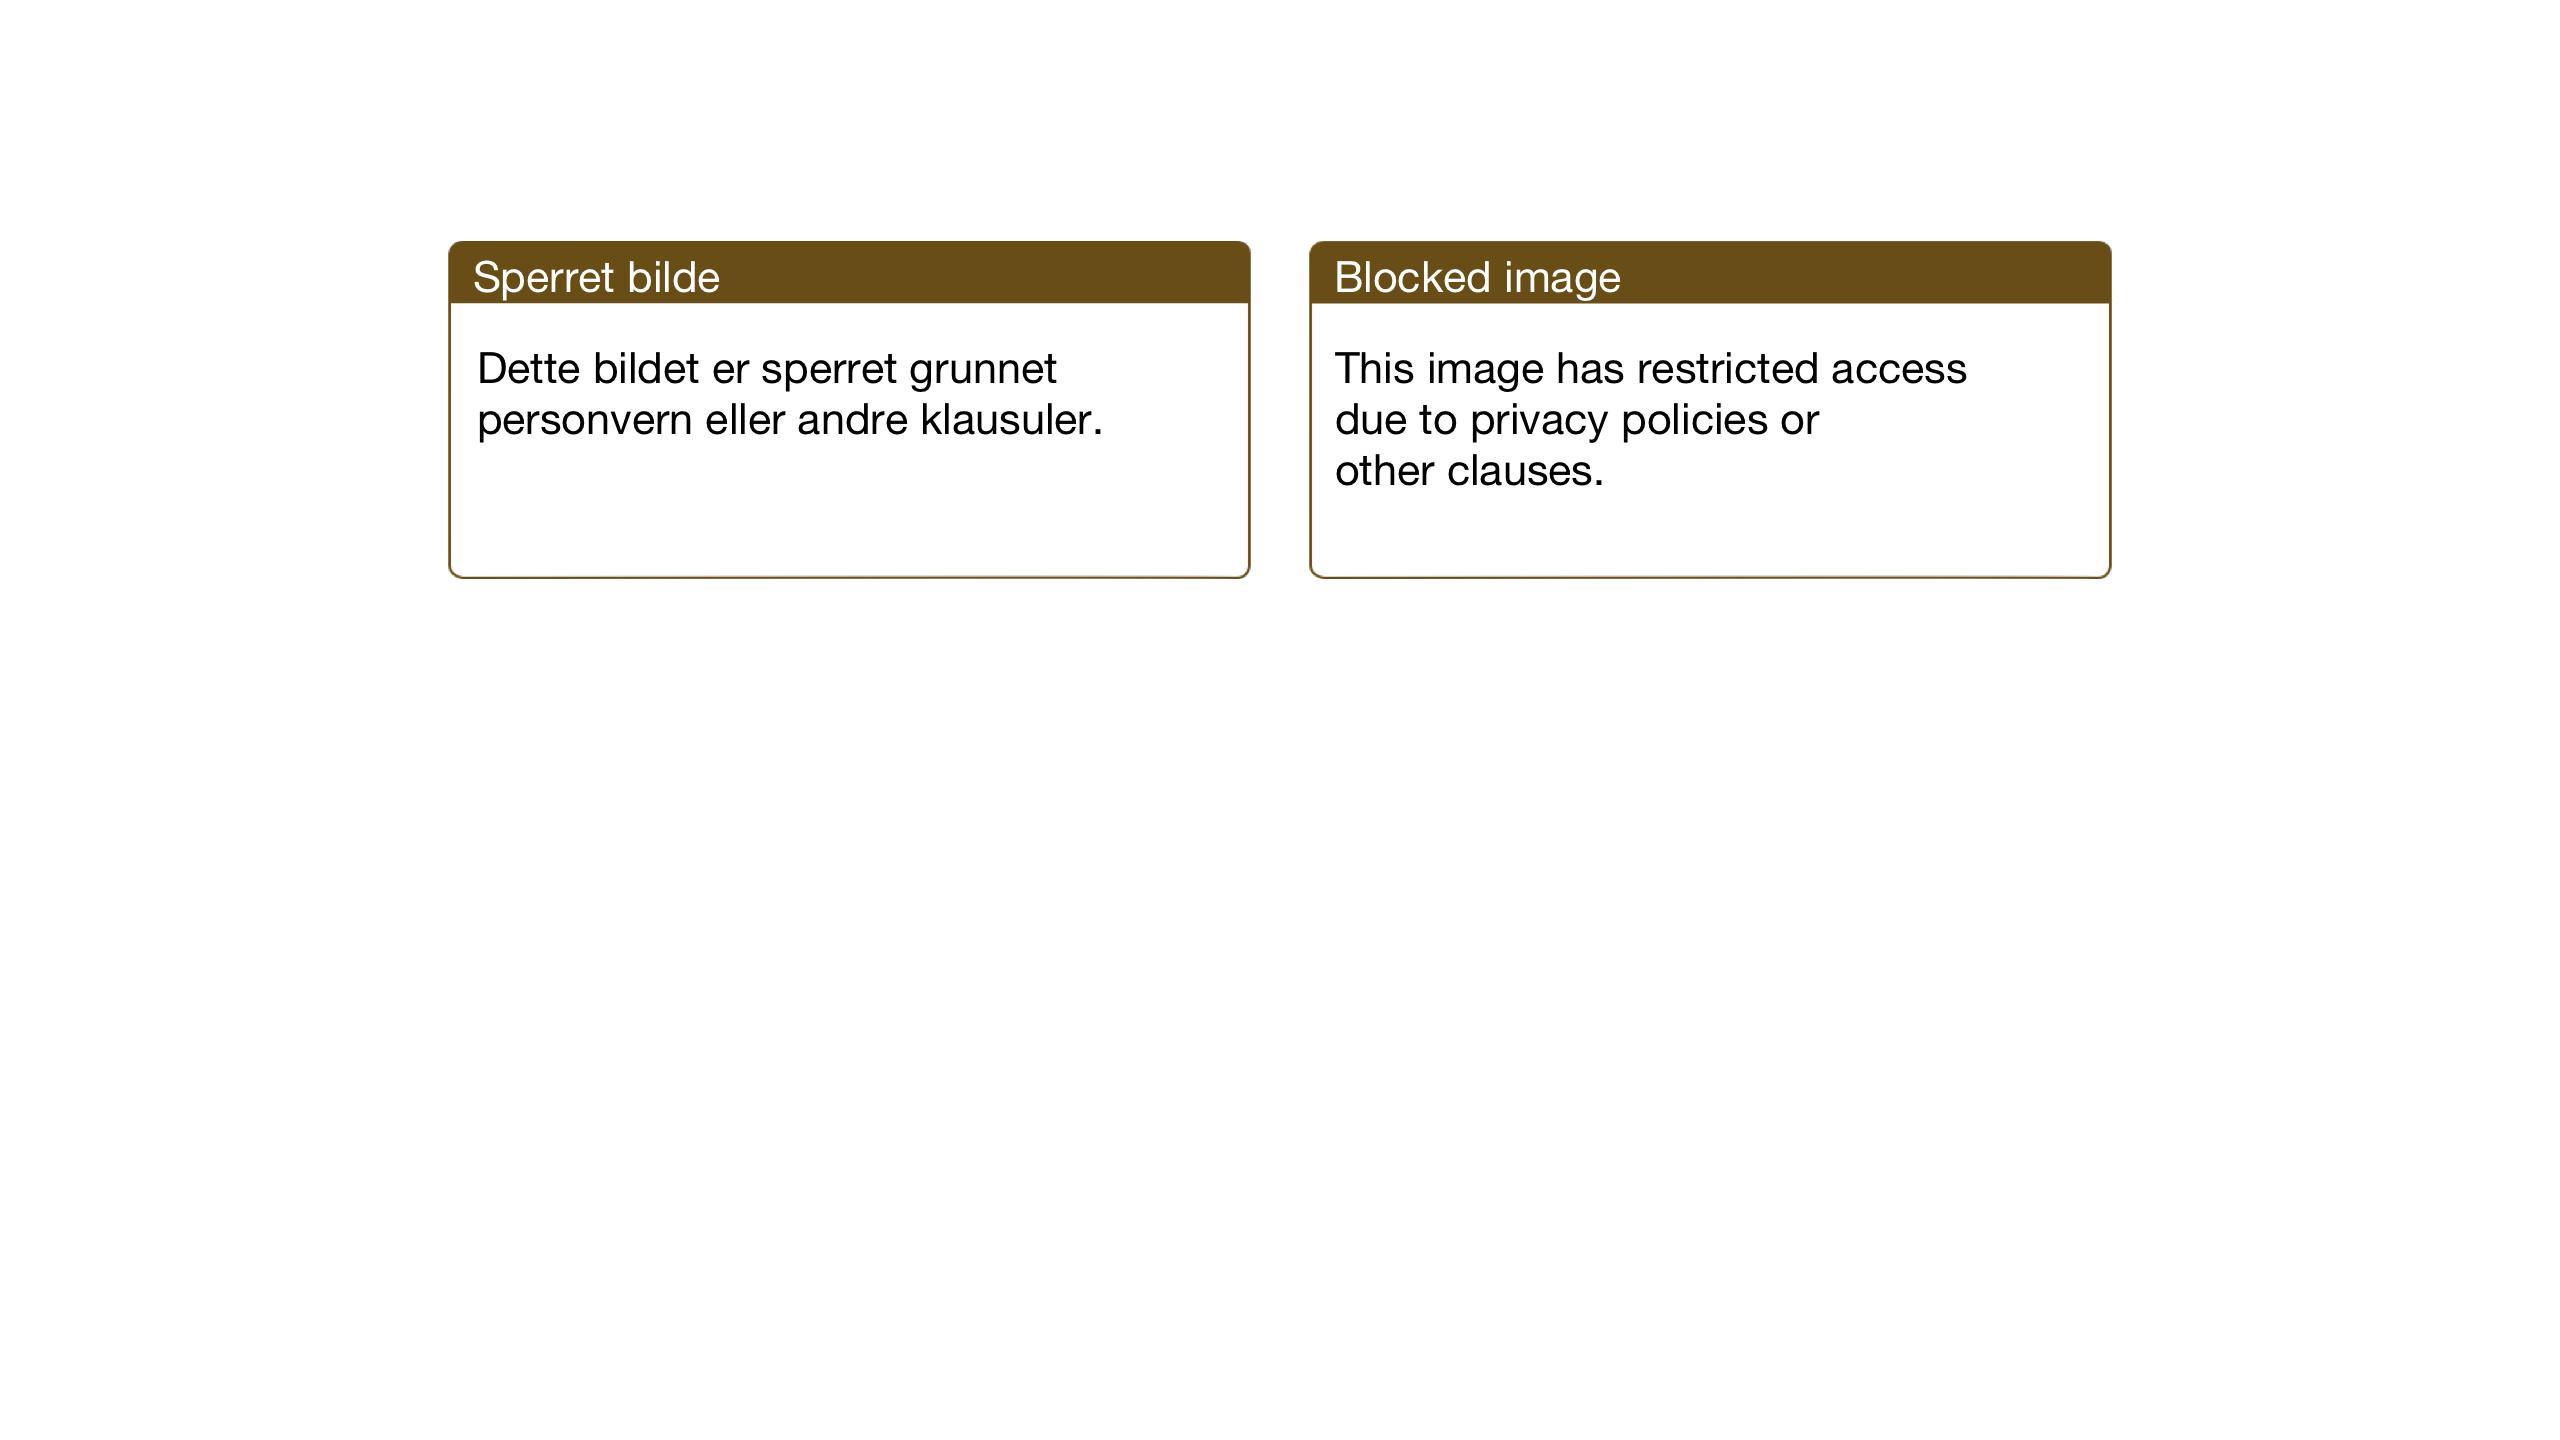 SAT, Ministerialprotokoller, klokkerbøker og fødselsregistre - Sør-Trøndelag, 662/L0758: Klokkerbok nr. 662C03, 1918-1948, s. 169